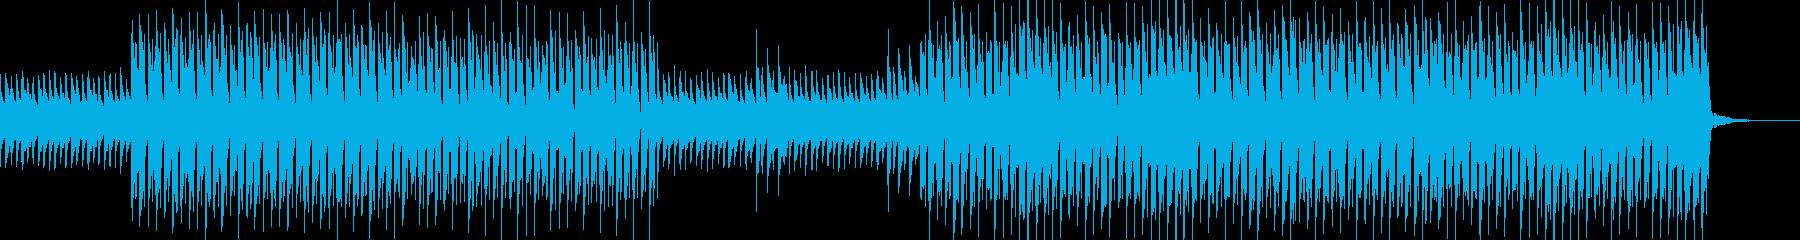 おしゃれ・クール・EDM・ハウス3の再生済みの波形